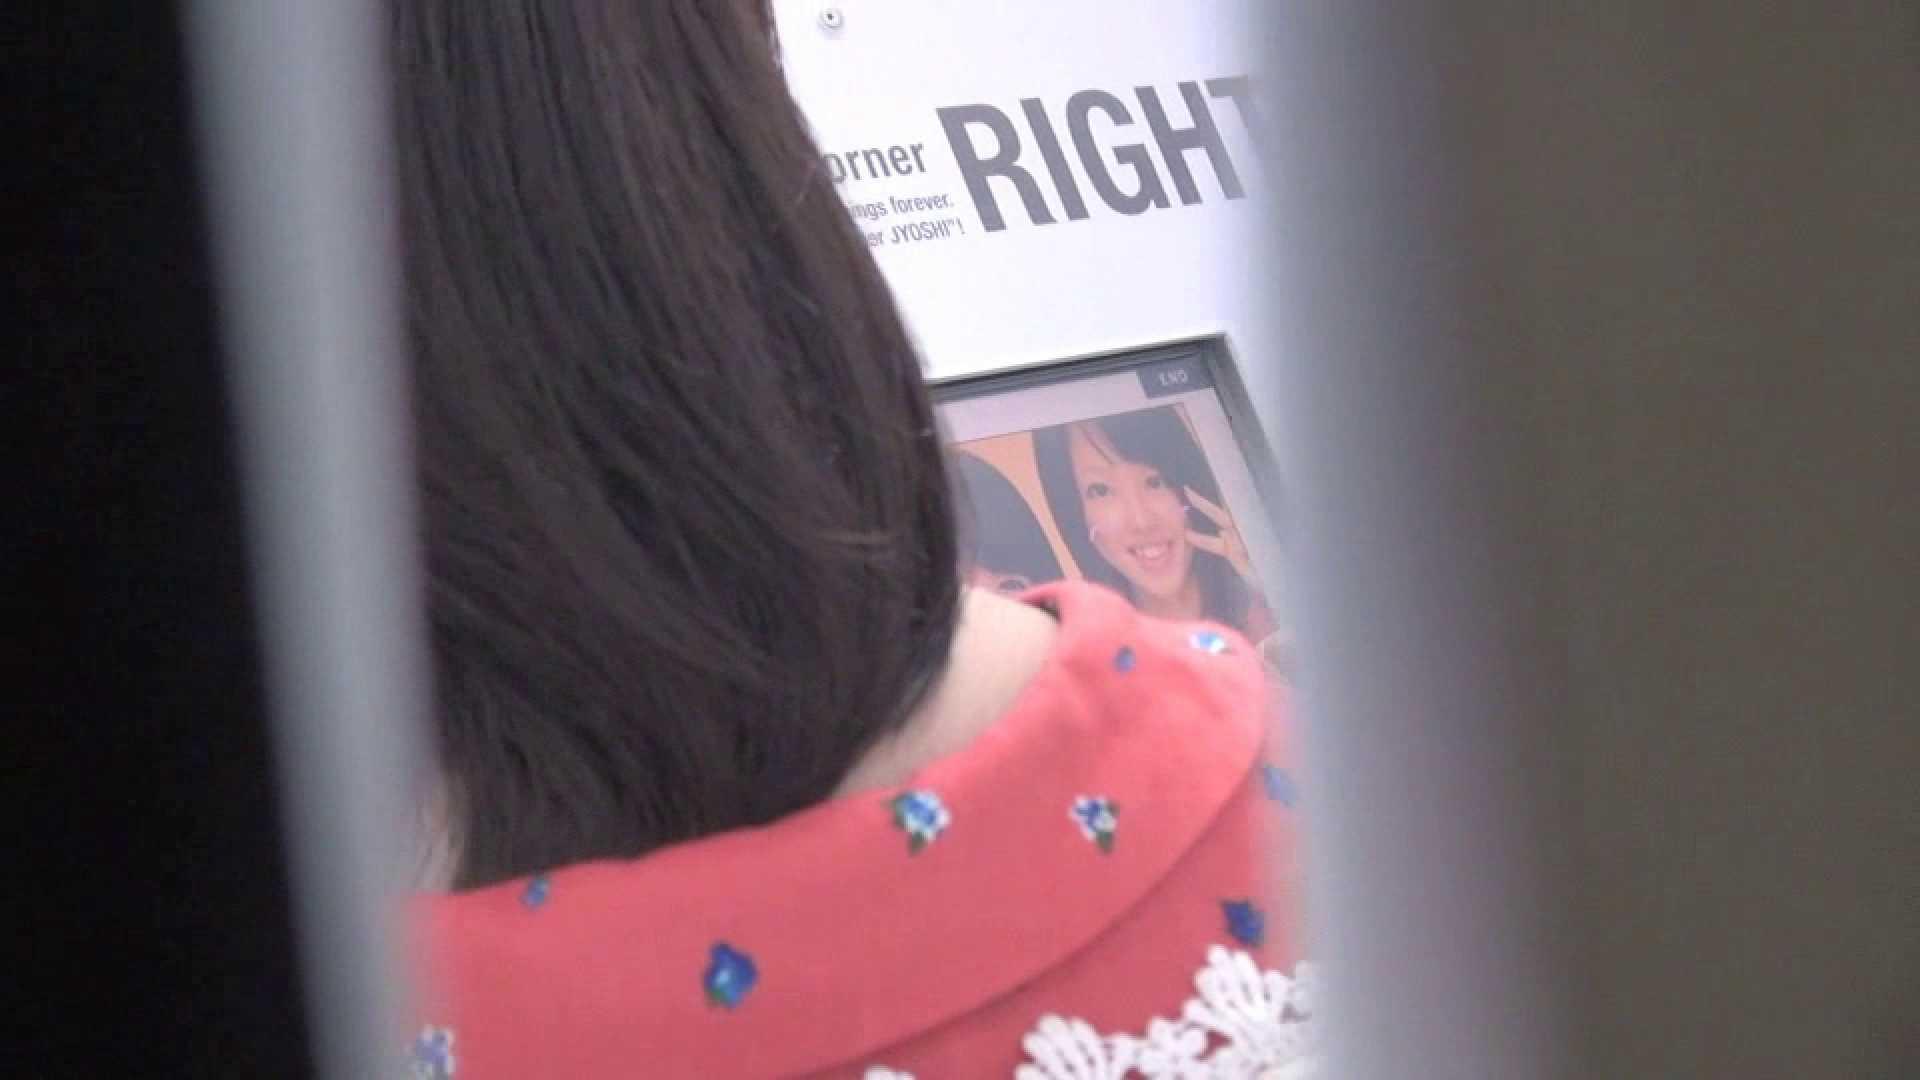 現役ギャル盗撮師 hana様のプリクラ潜入!制服Pチラ!Vol.5 0  83連発 48